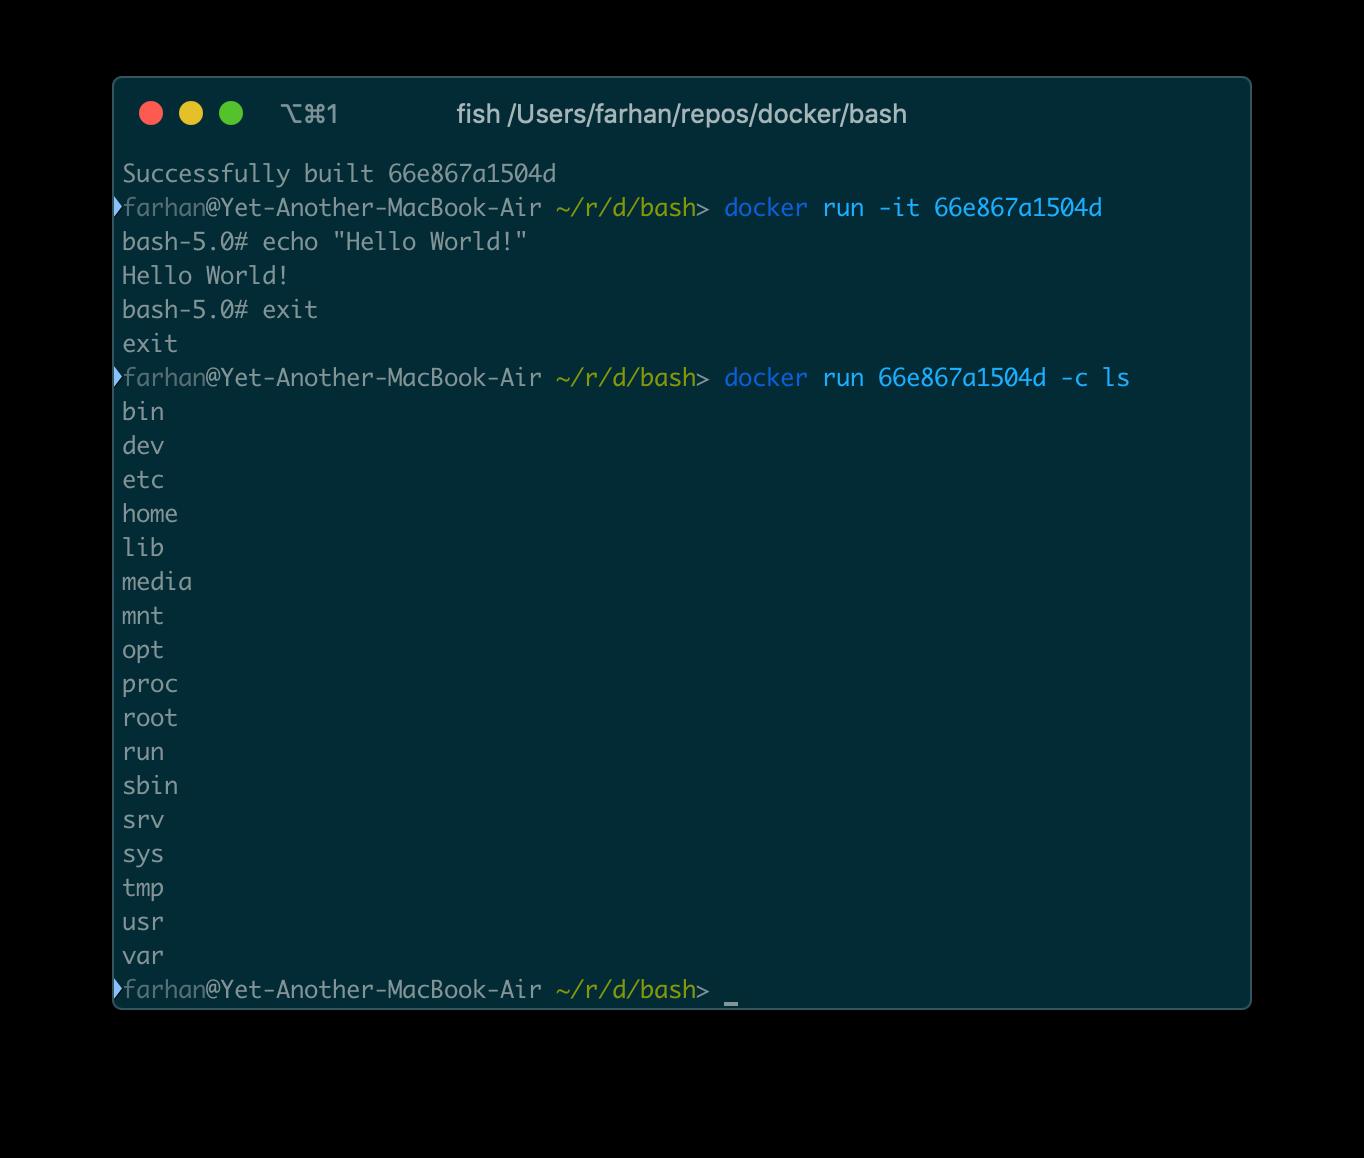 docker run 66e867a1504d -c ls コマンドからの出力